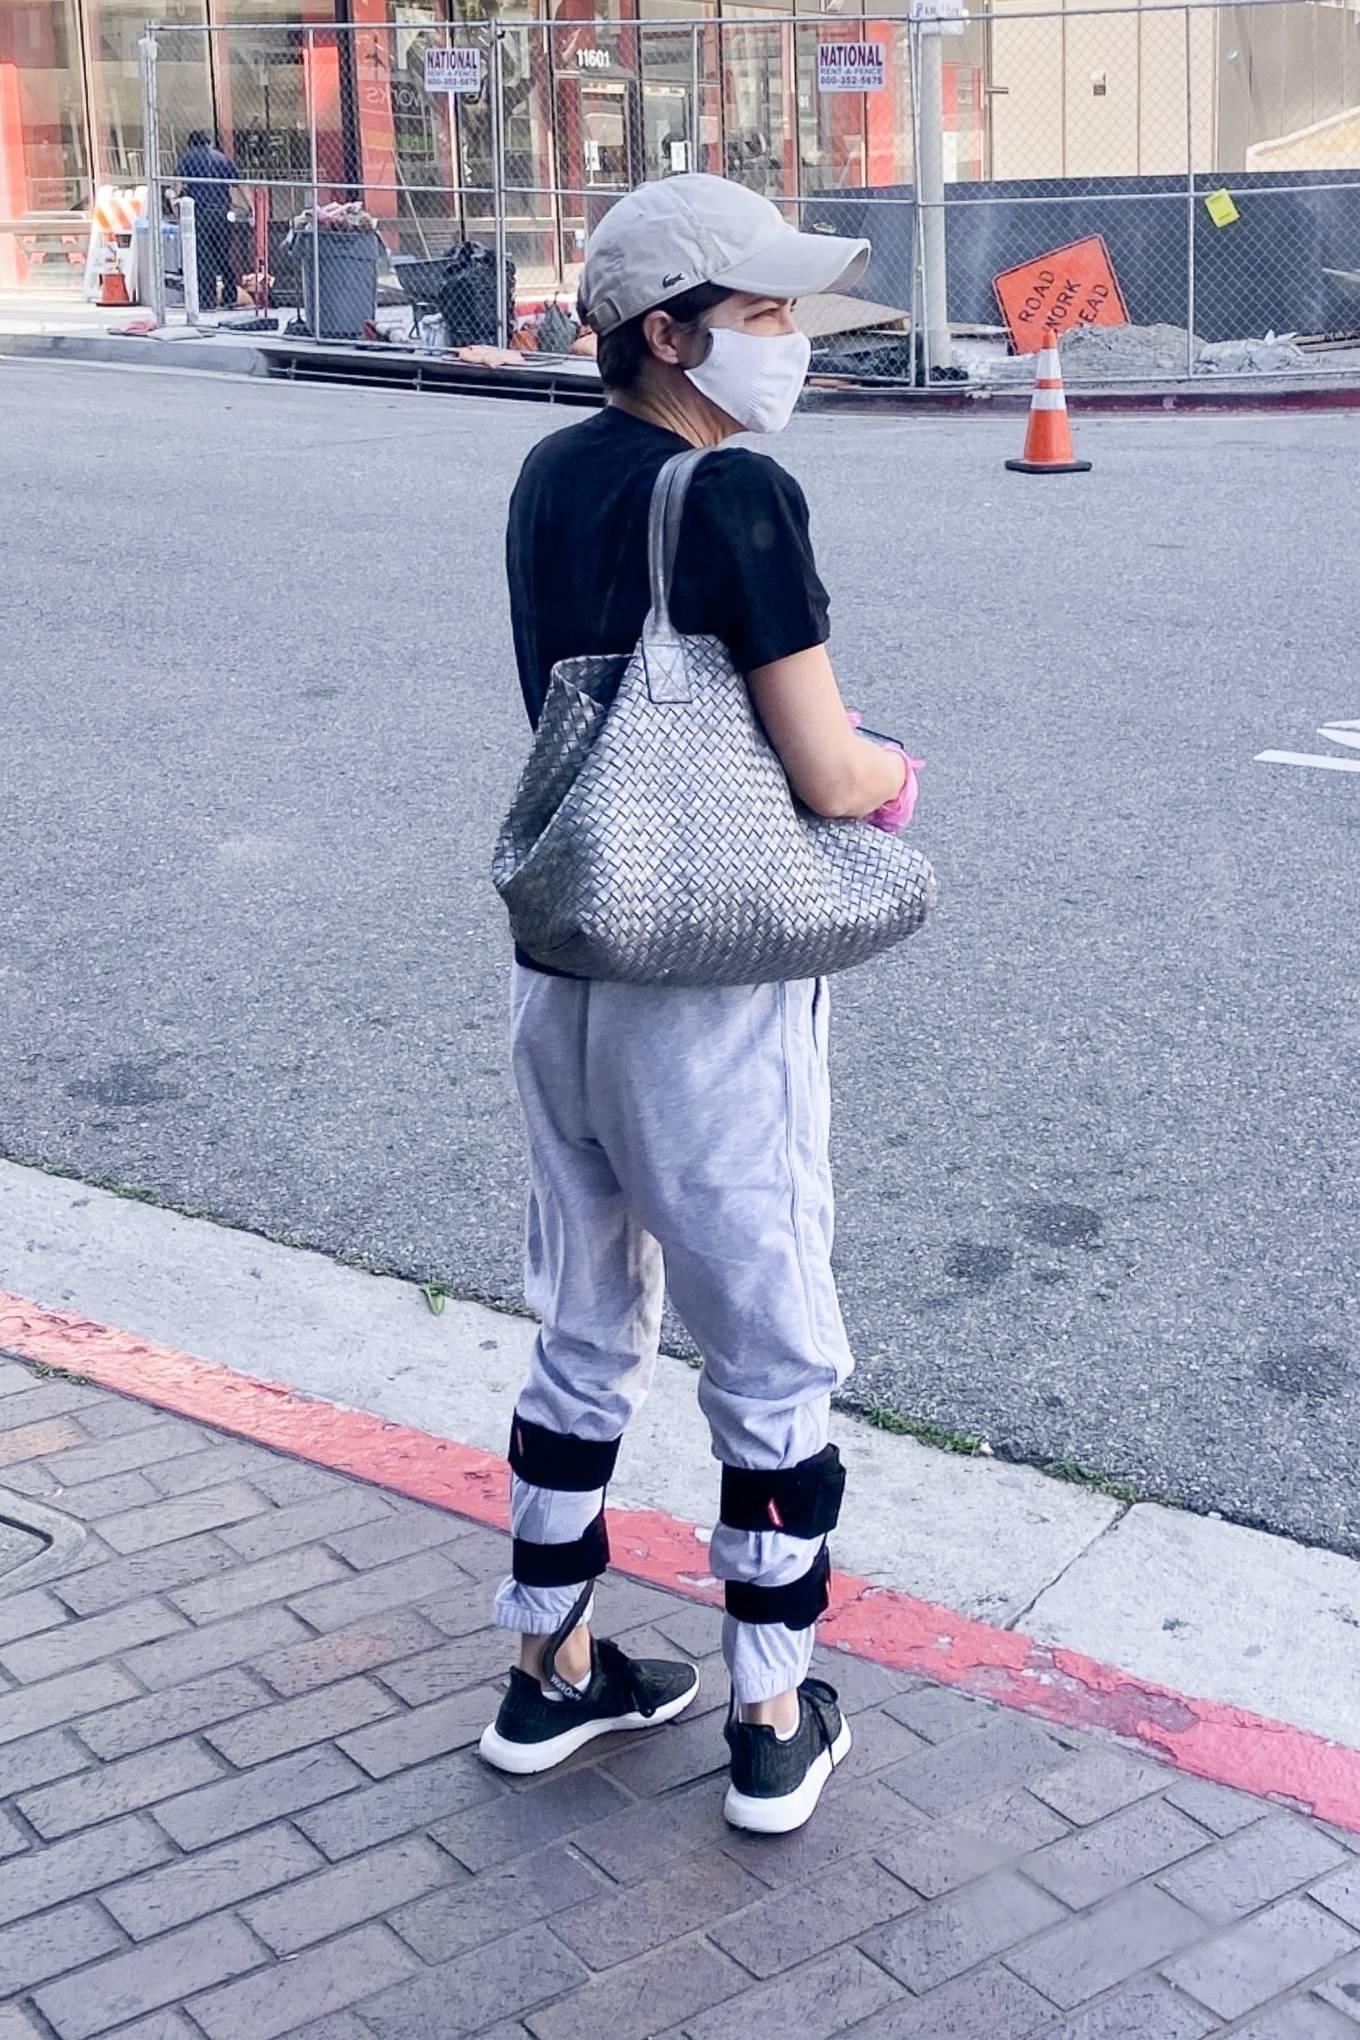 Selma Blair 2020 : Selma Blair – Wears leg braces as she leaves a medical building in Los Angeles-01